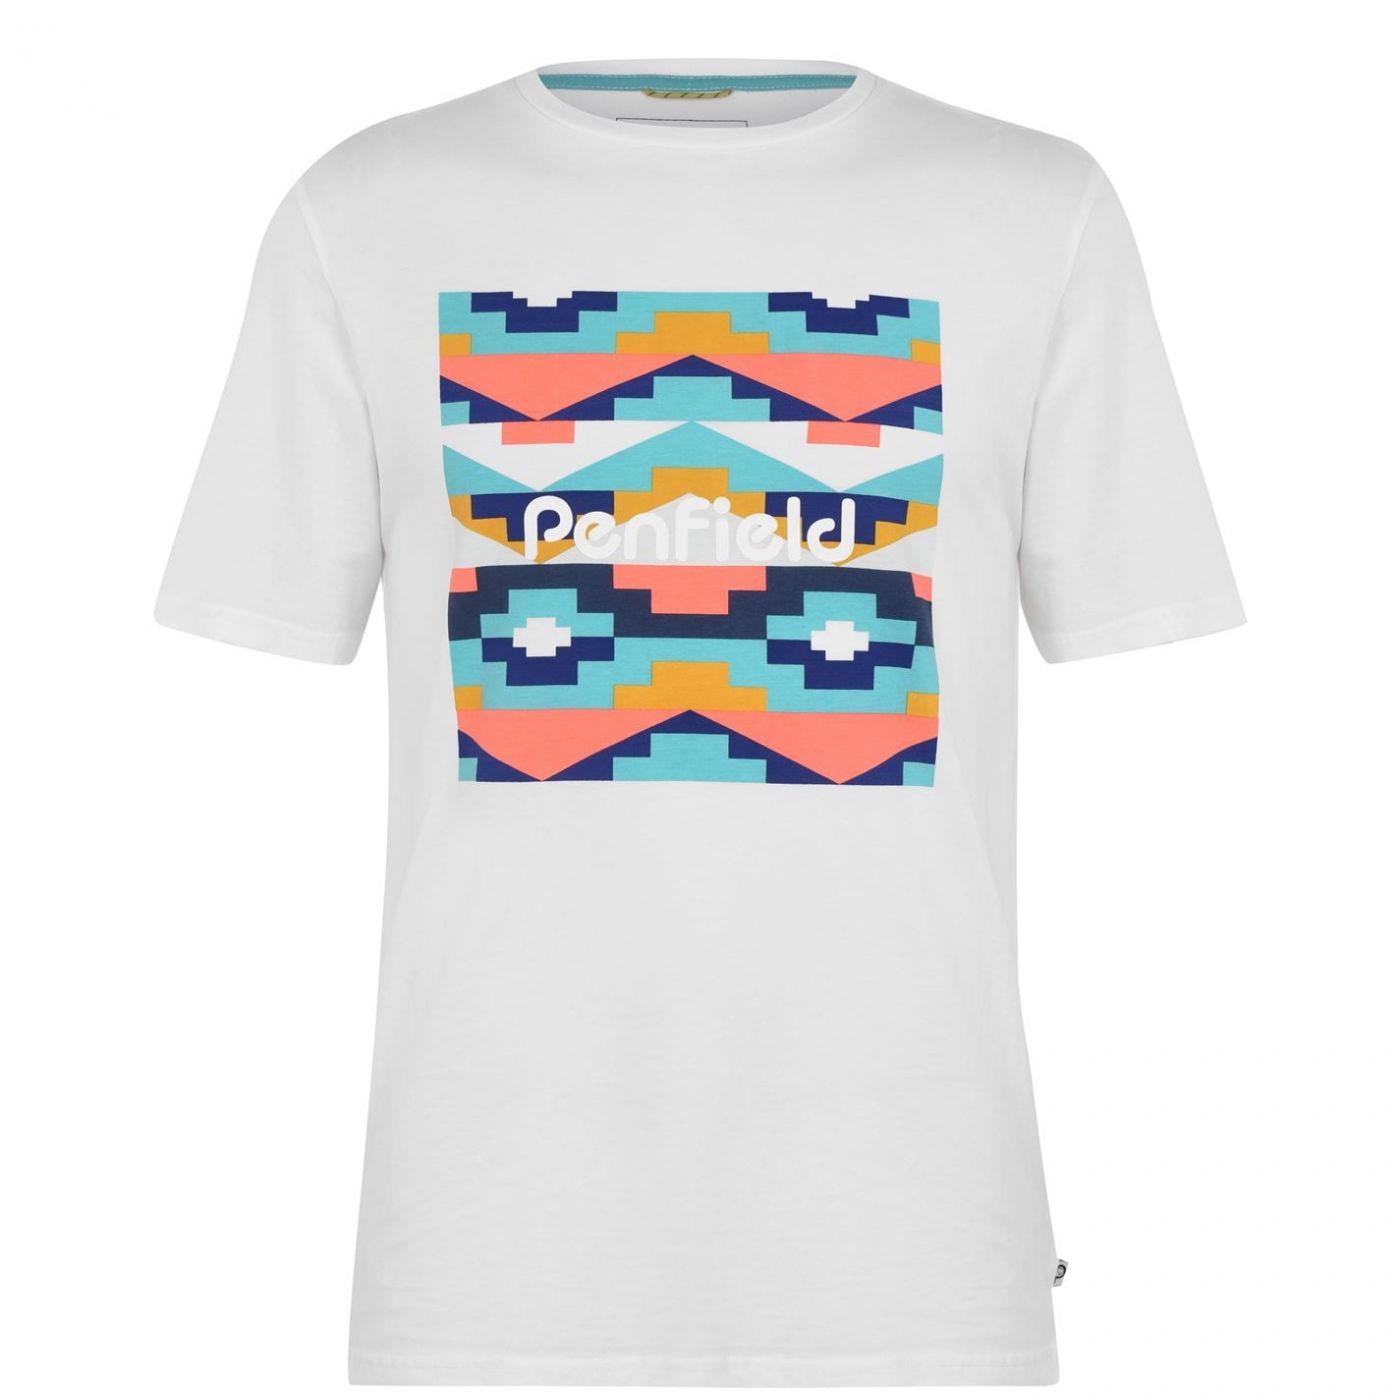 Penfield Sandtoft T Shirt